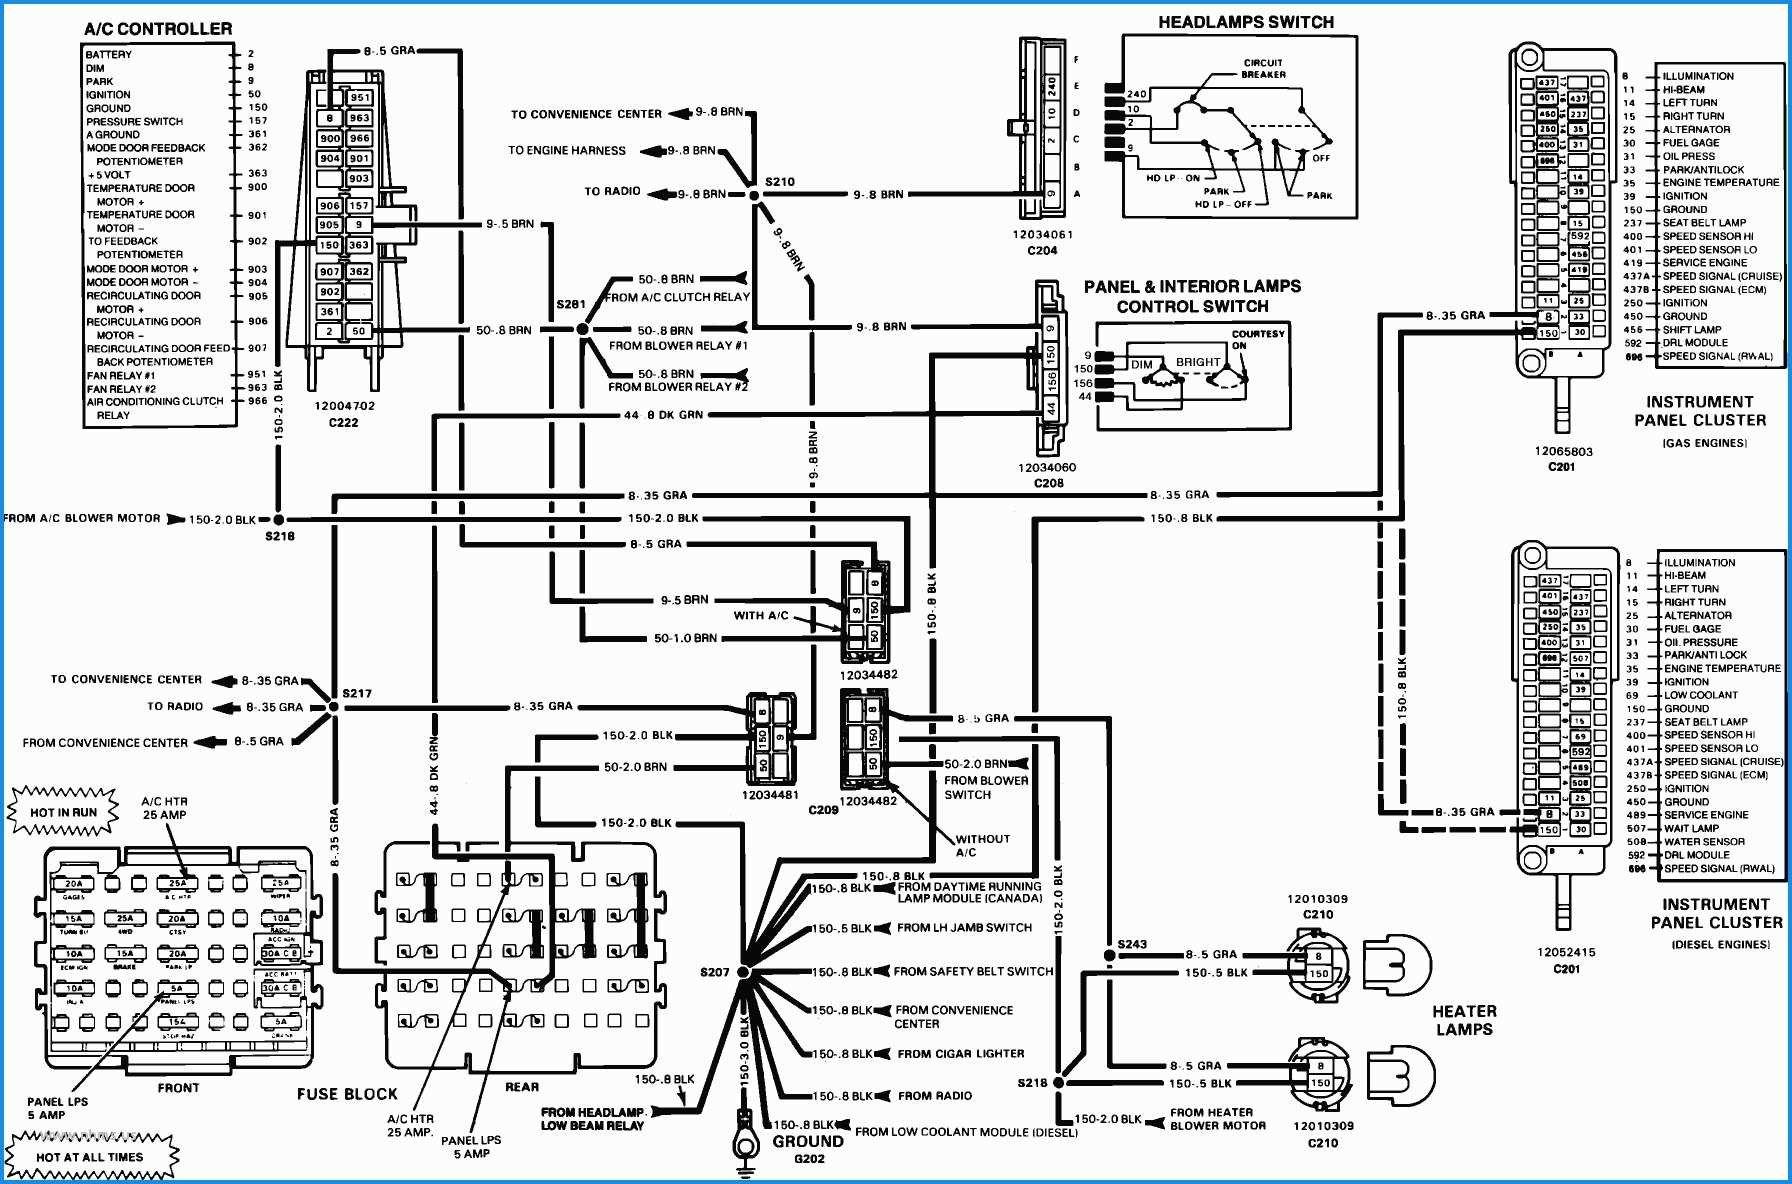 [DIAGRAM] 1987 Camaro Fuse Diagram